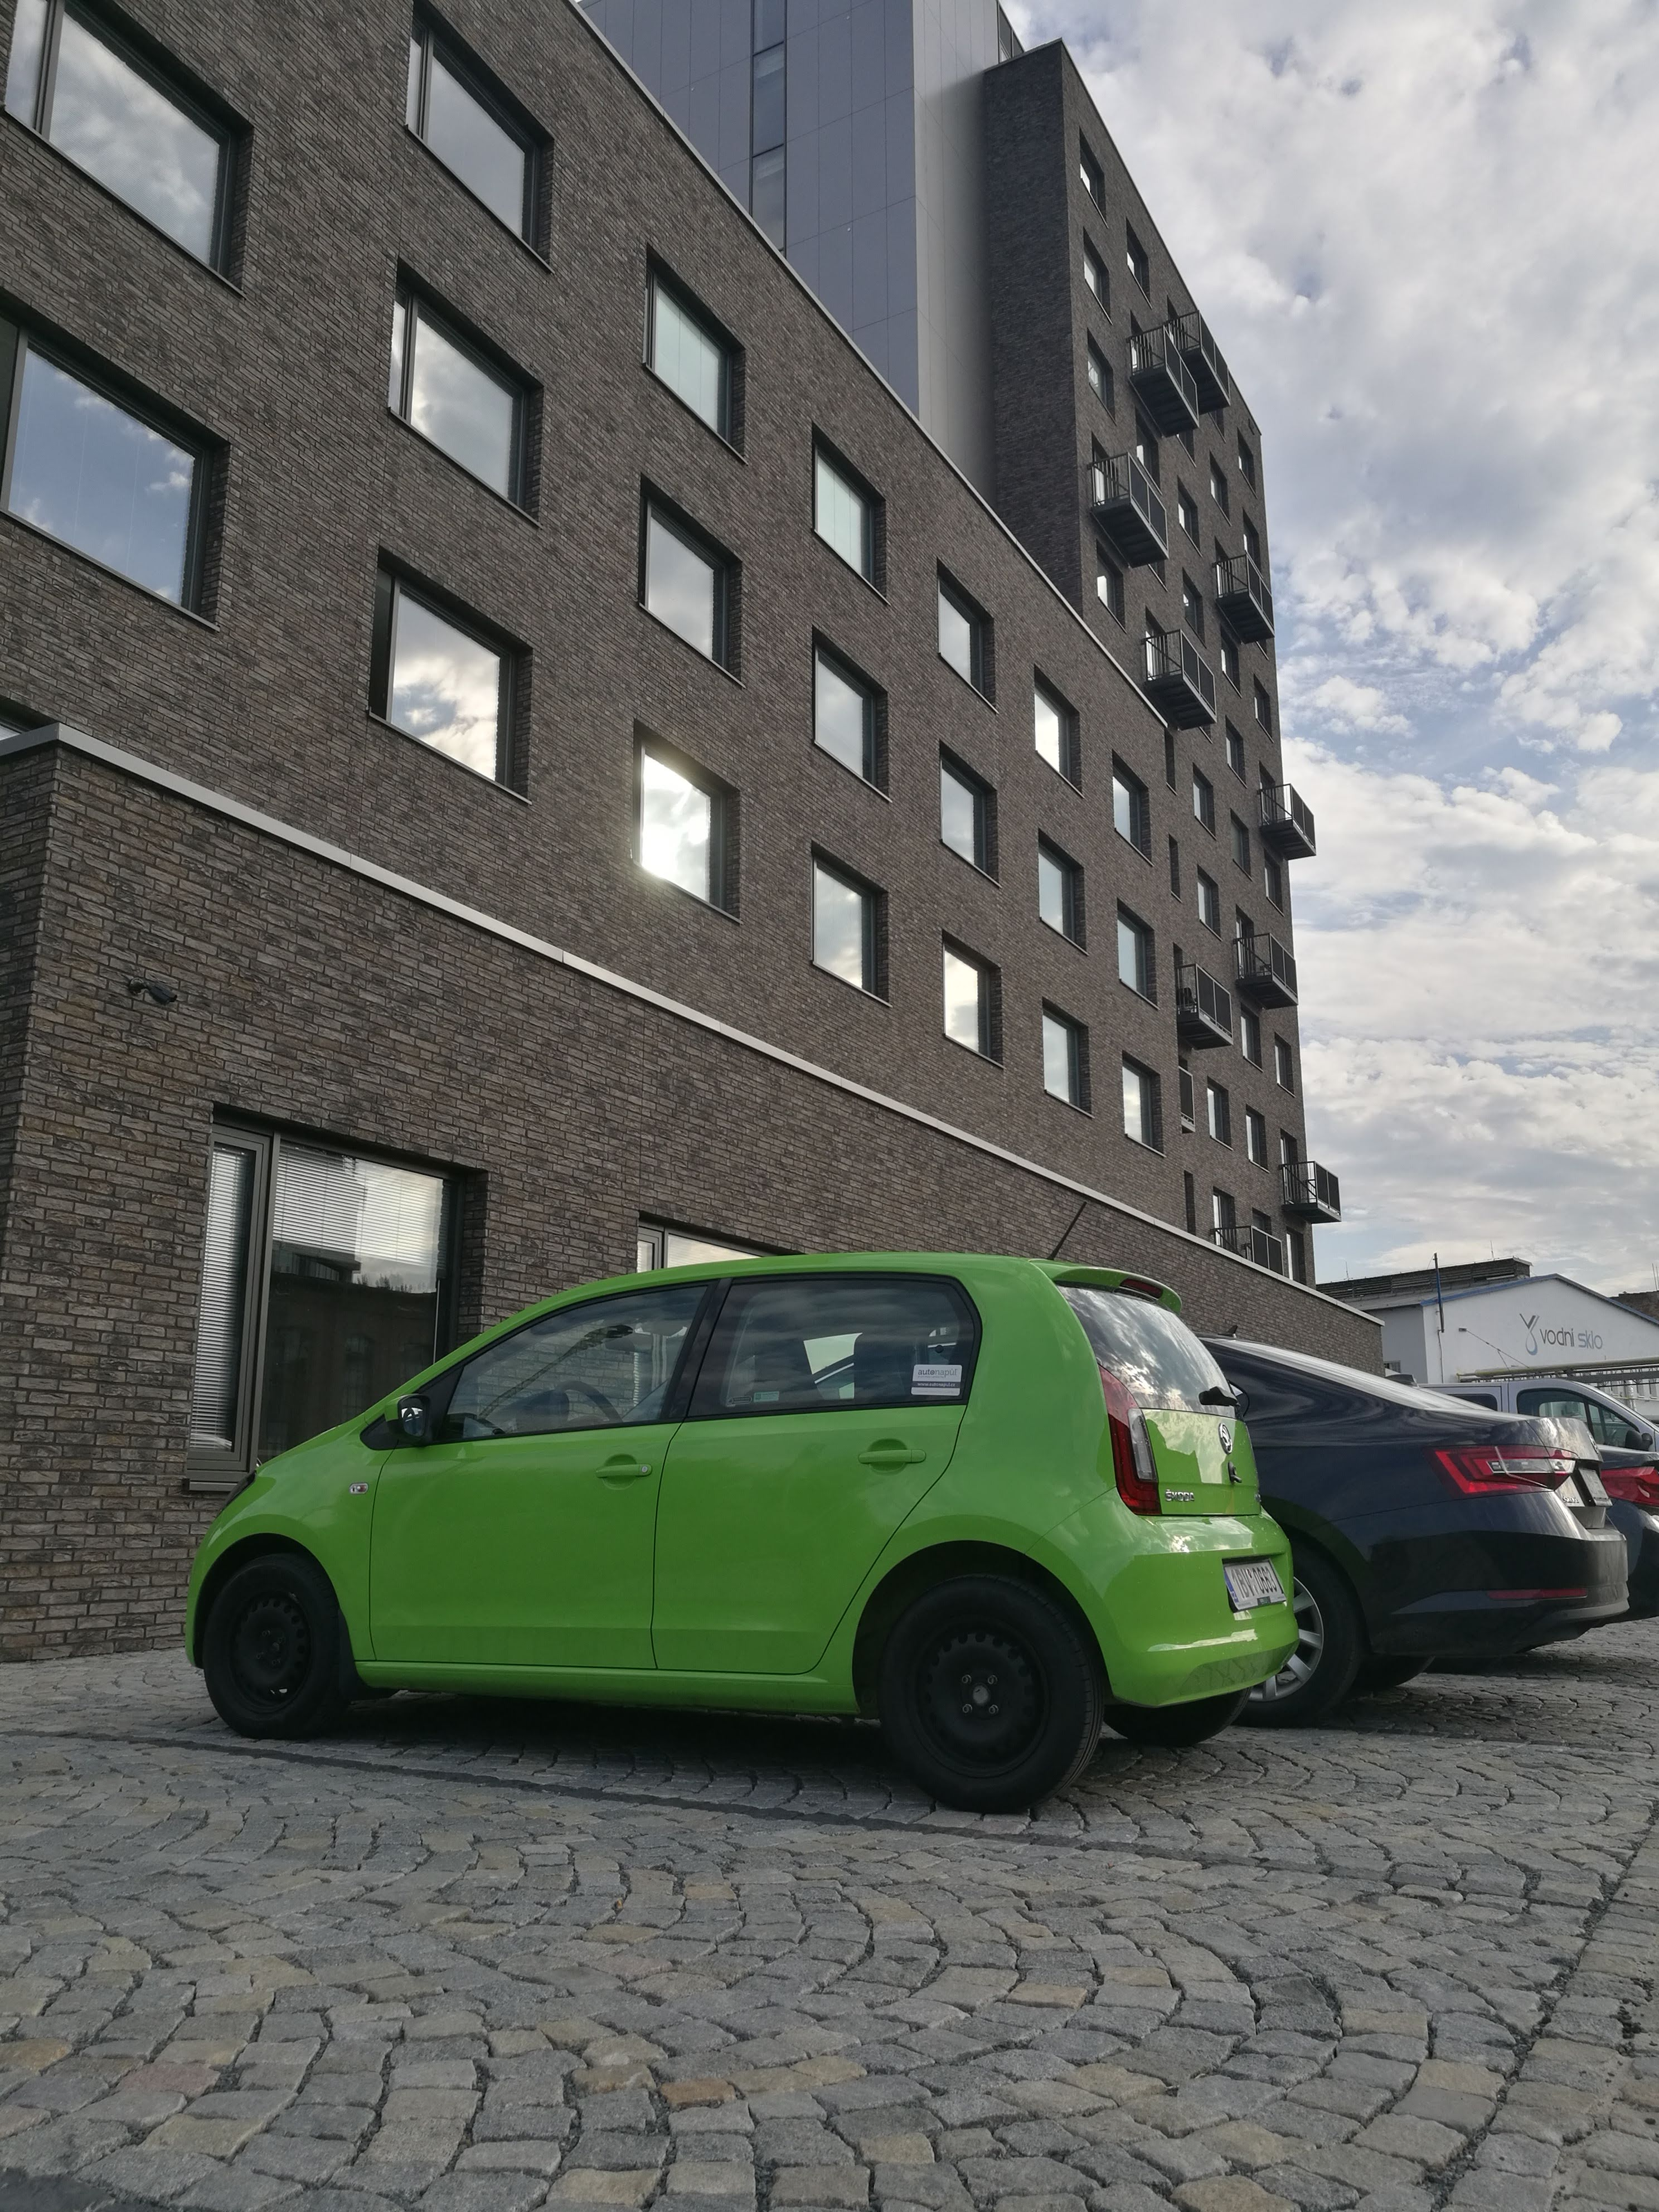 Skoda Citigo Kodos next to the Foreigners.cz's apartment building called Domeq